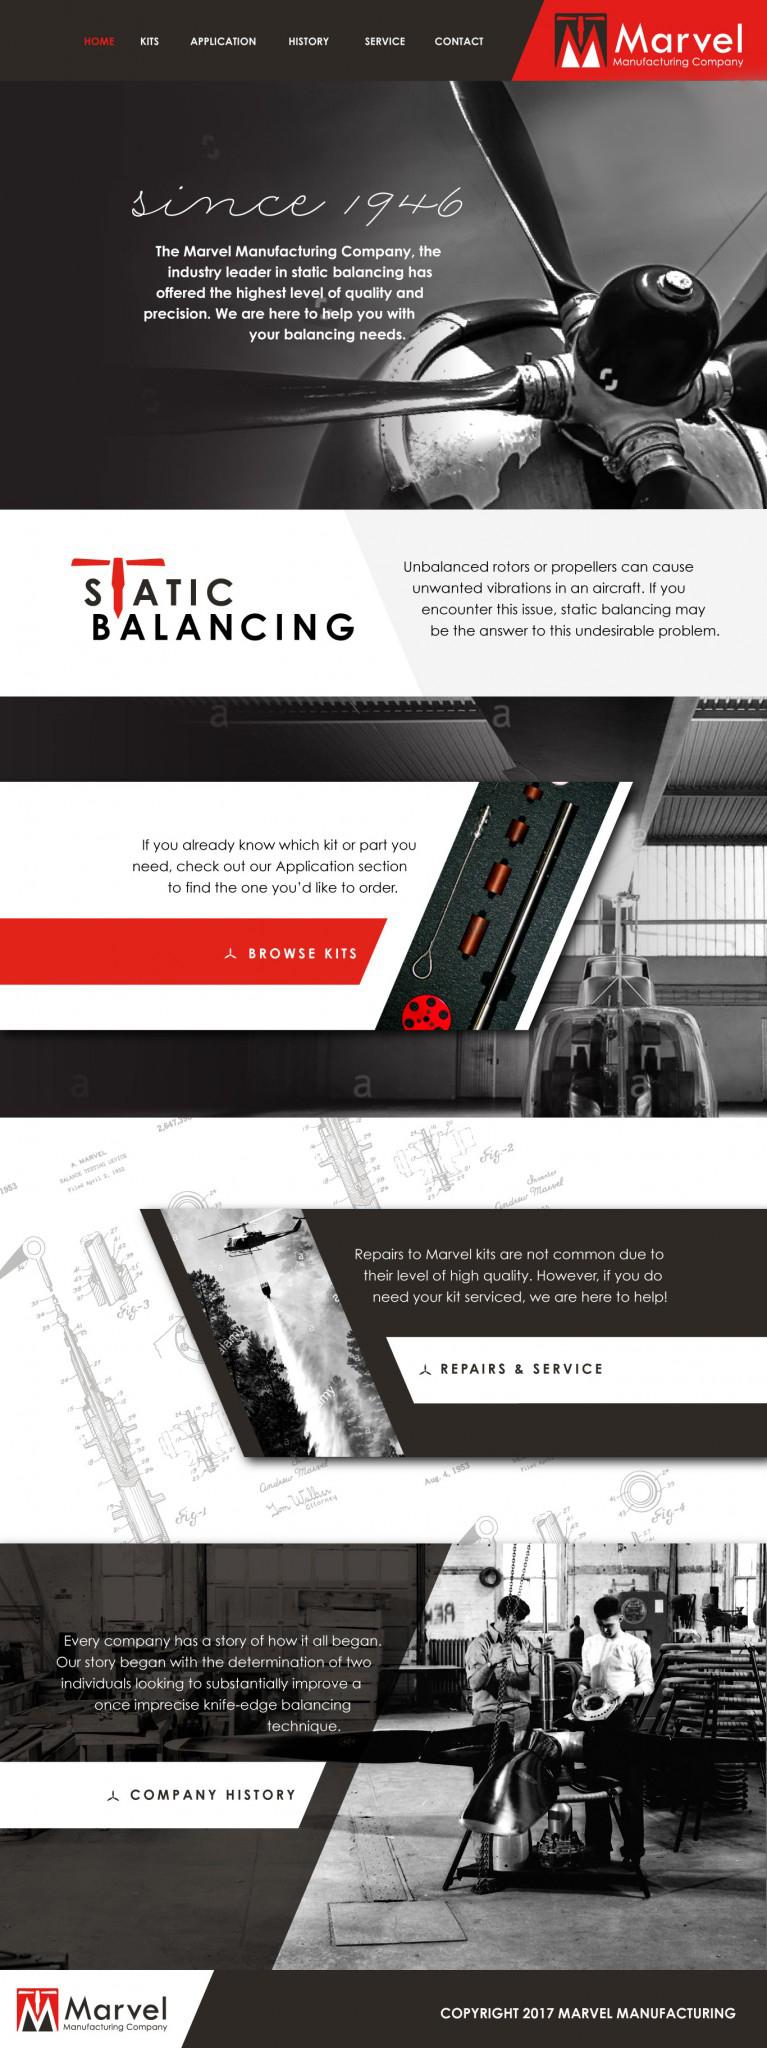 marvel-homepage-mockup-v6